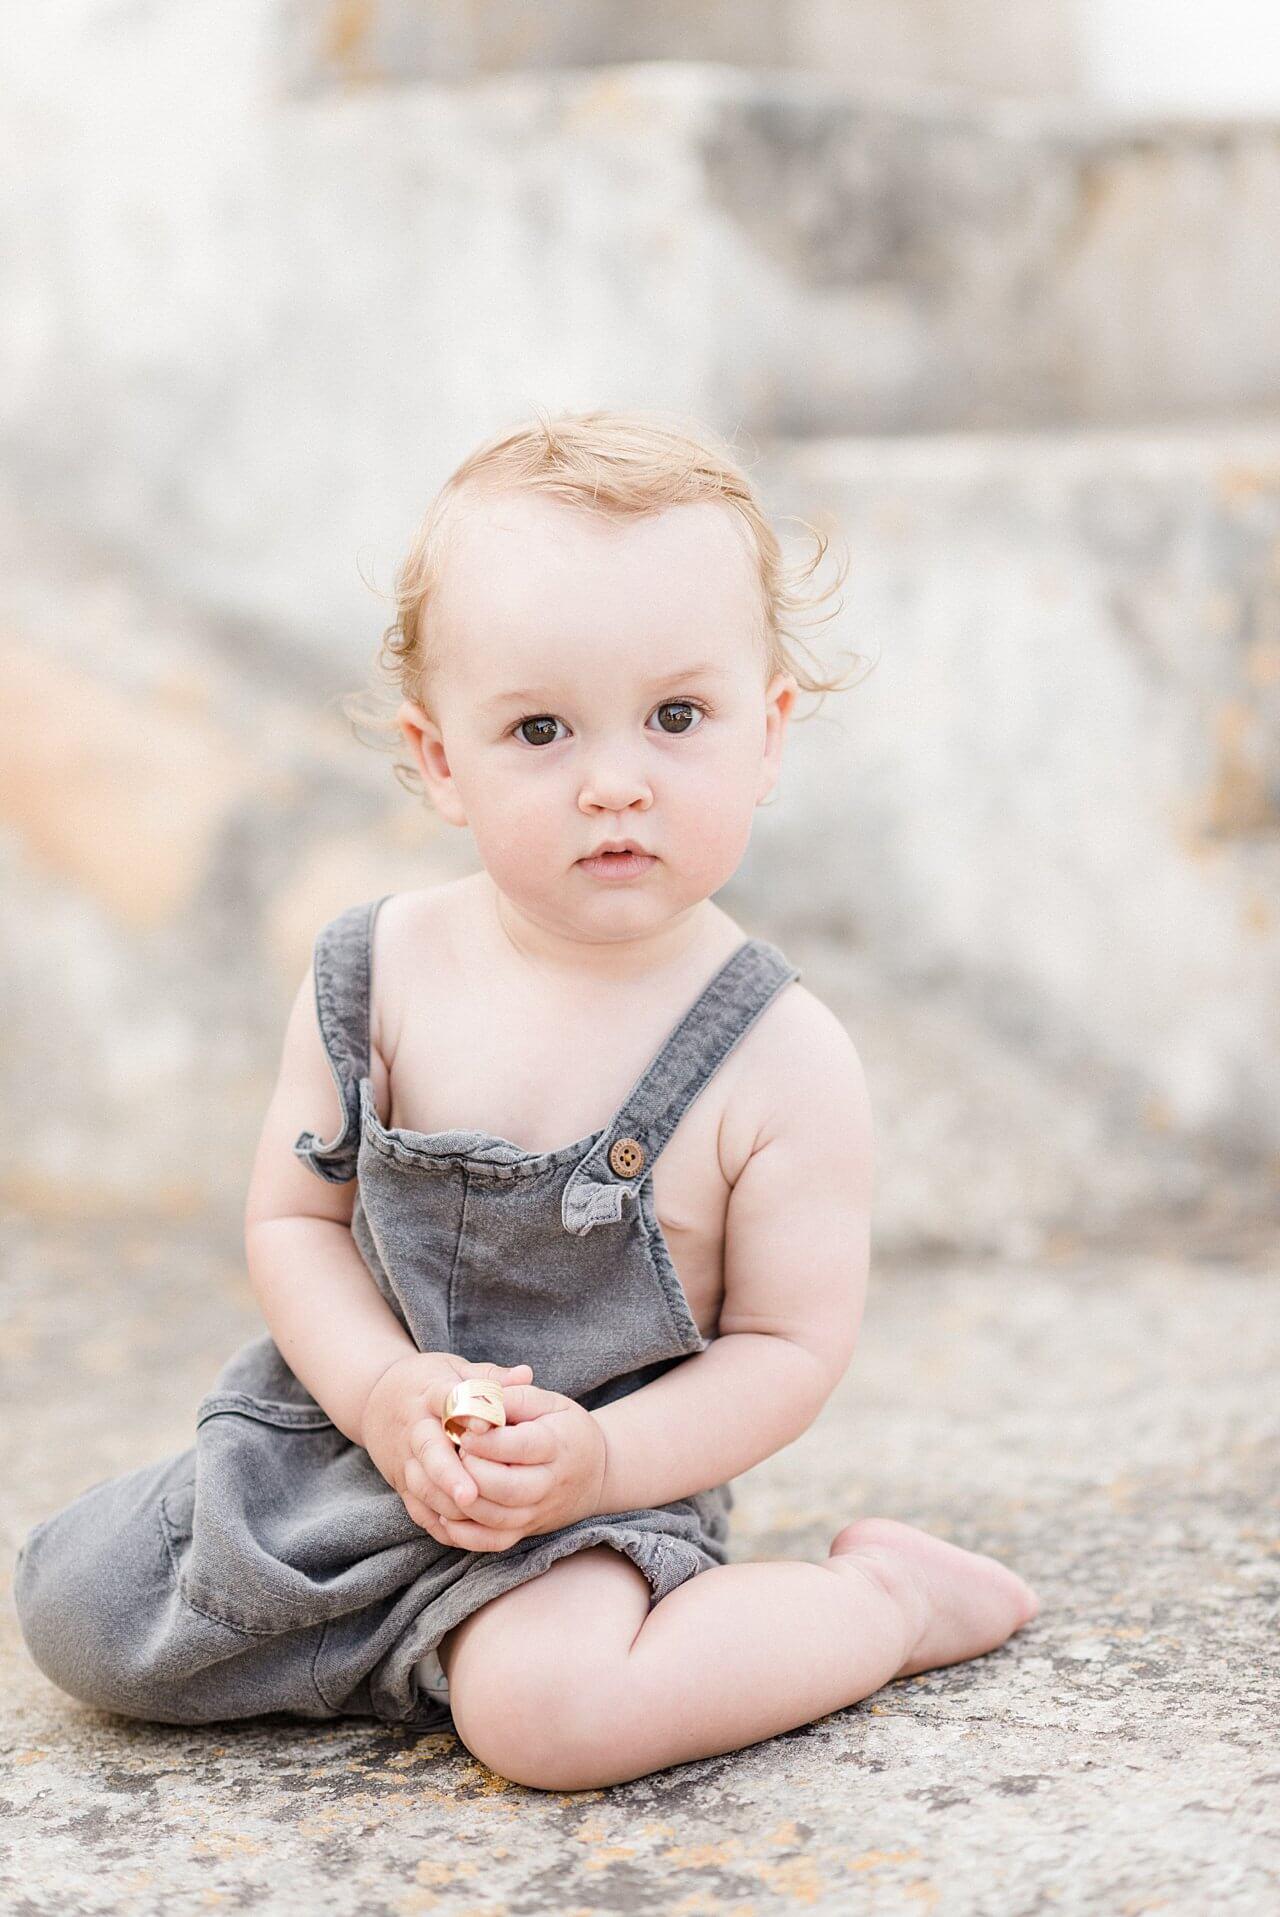 Rebecca Conte Fotografie Stuttgart: Baby-Shooting